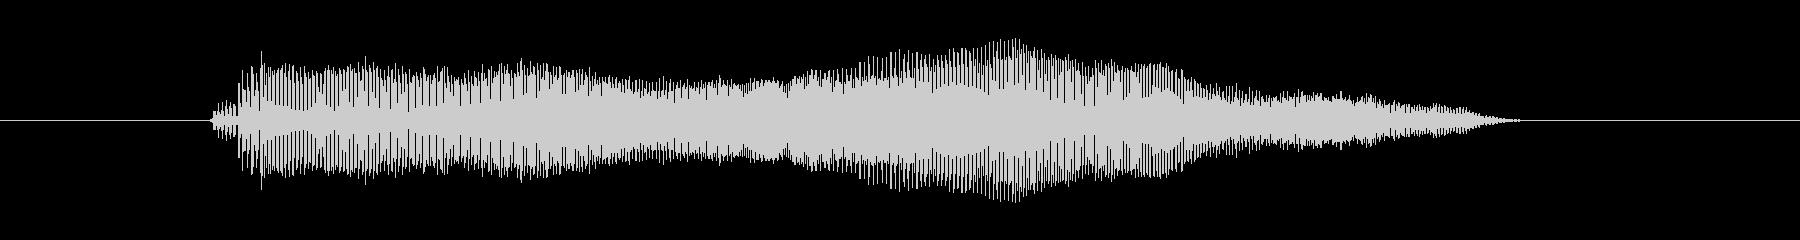 えいえい の未再生の波形